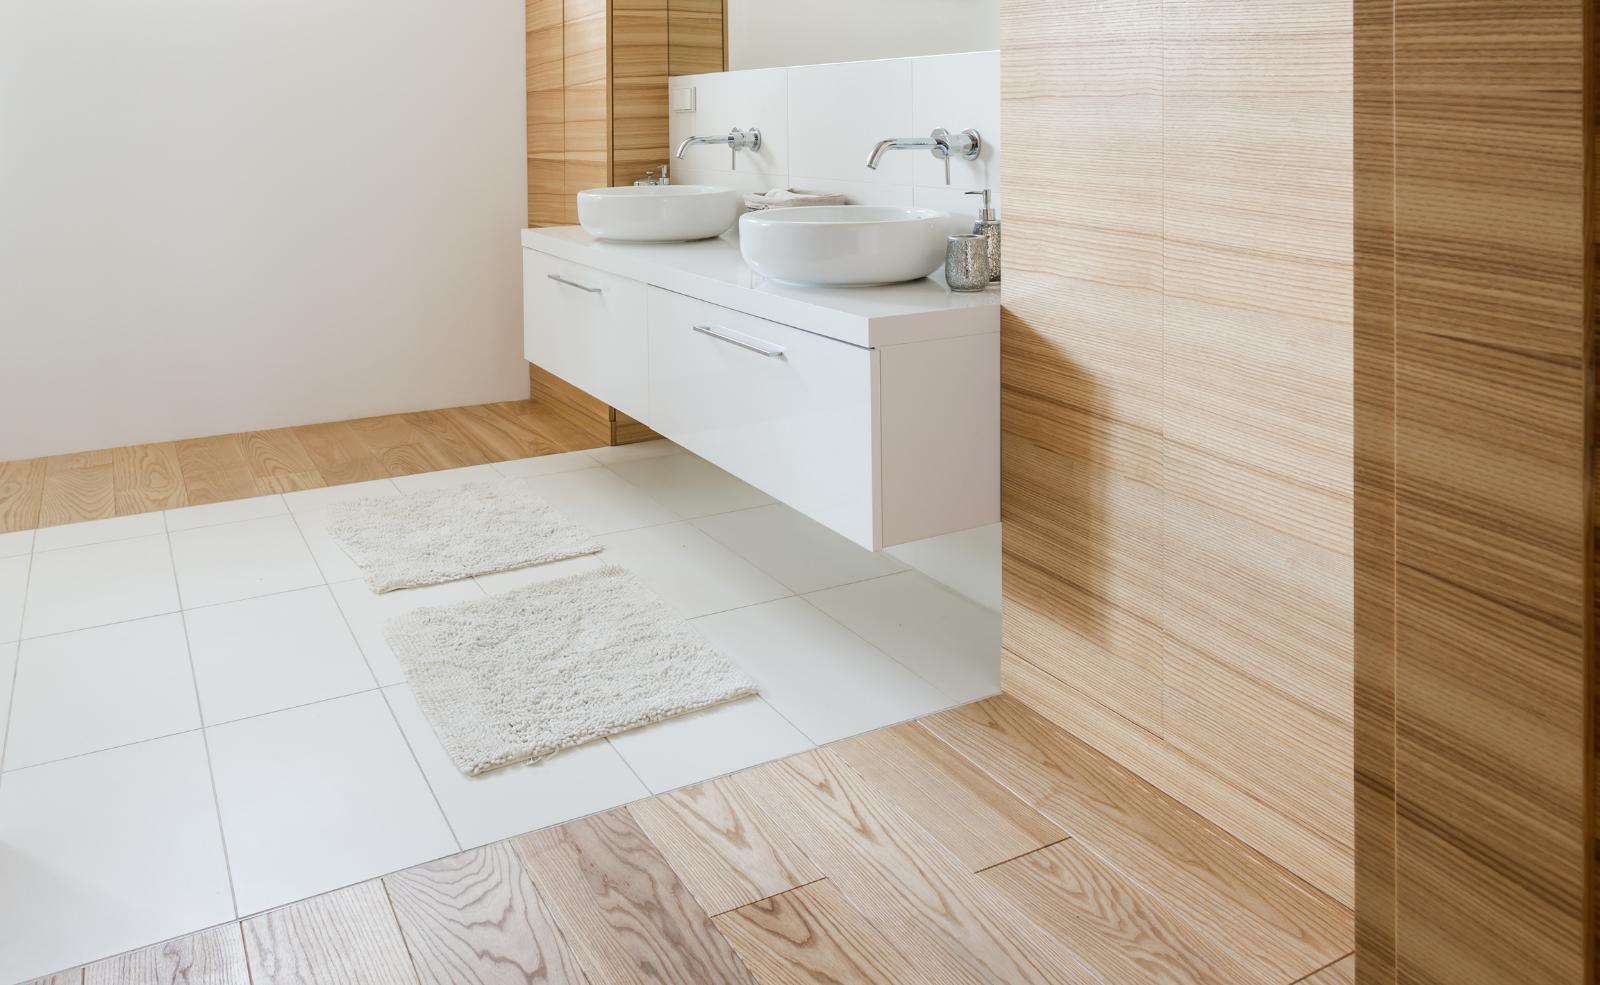 Holz sorgt für Natürlichkeit und Wärme im Badezimmer.